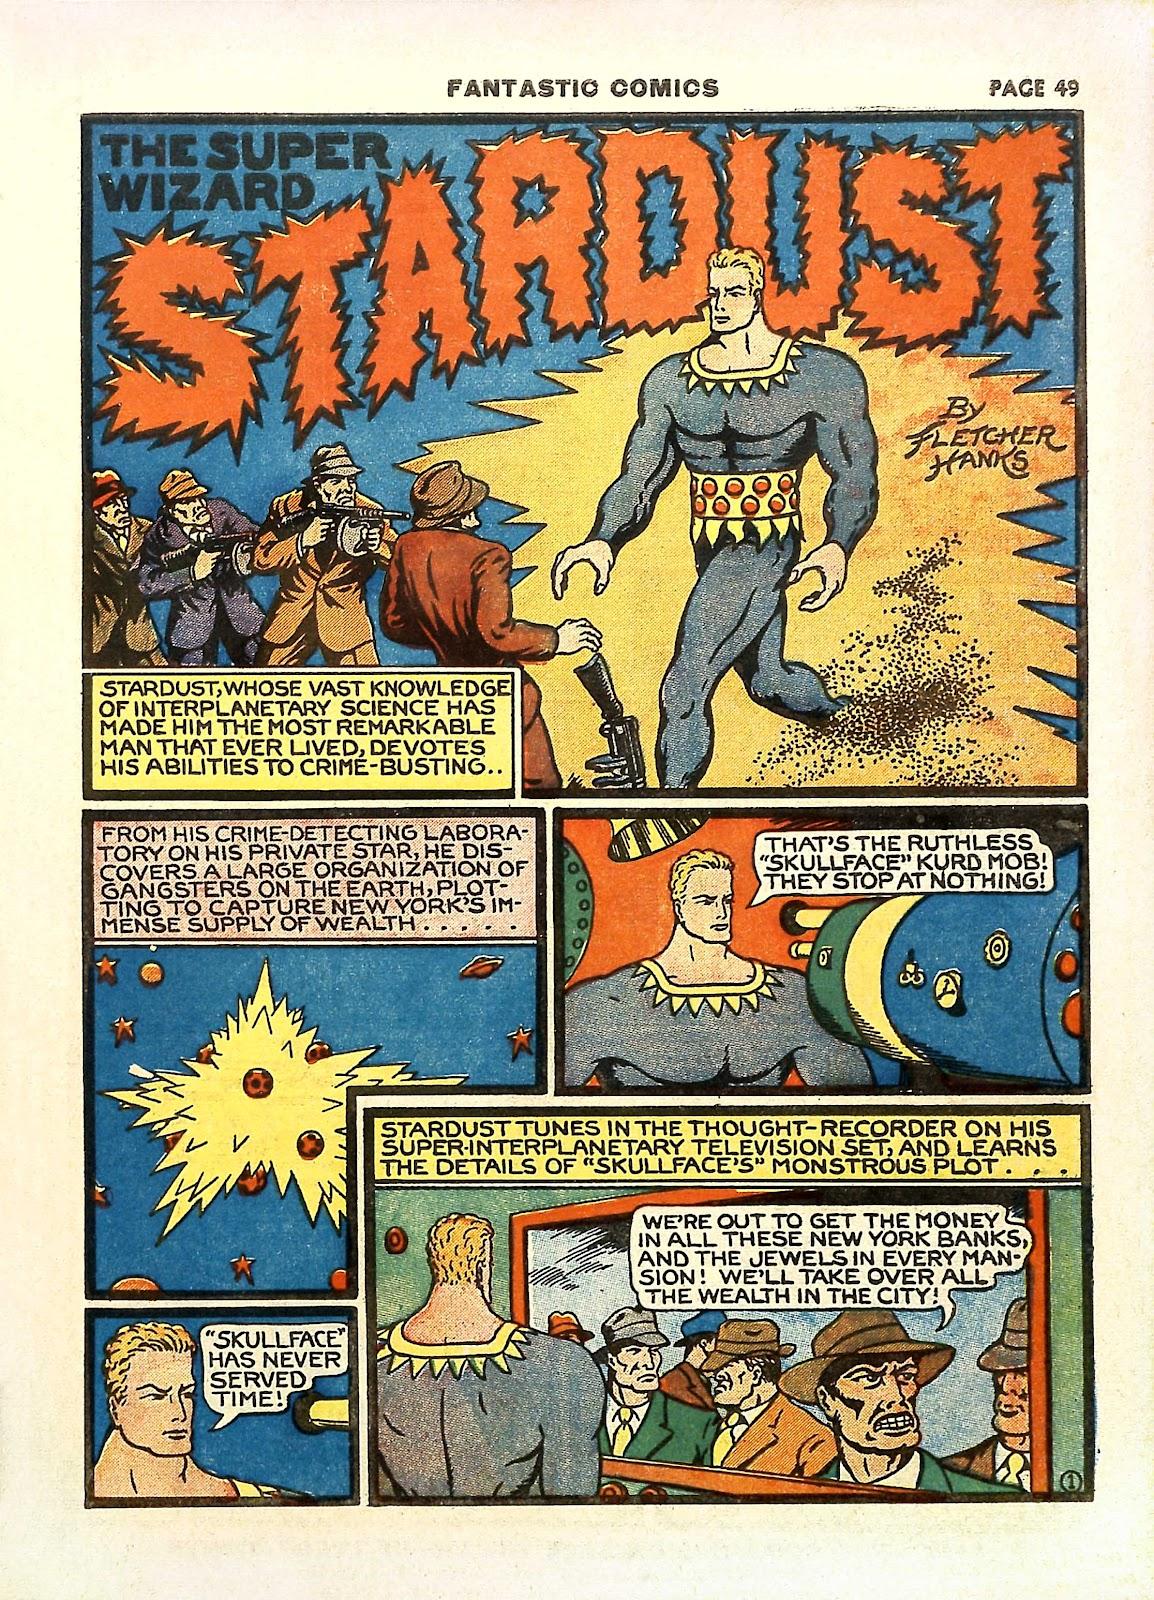 Read online Fantastic Comics comic -  Issue #11 - 52